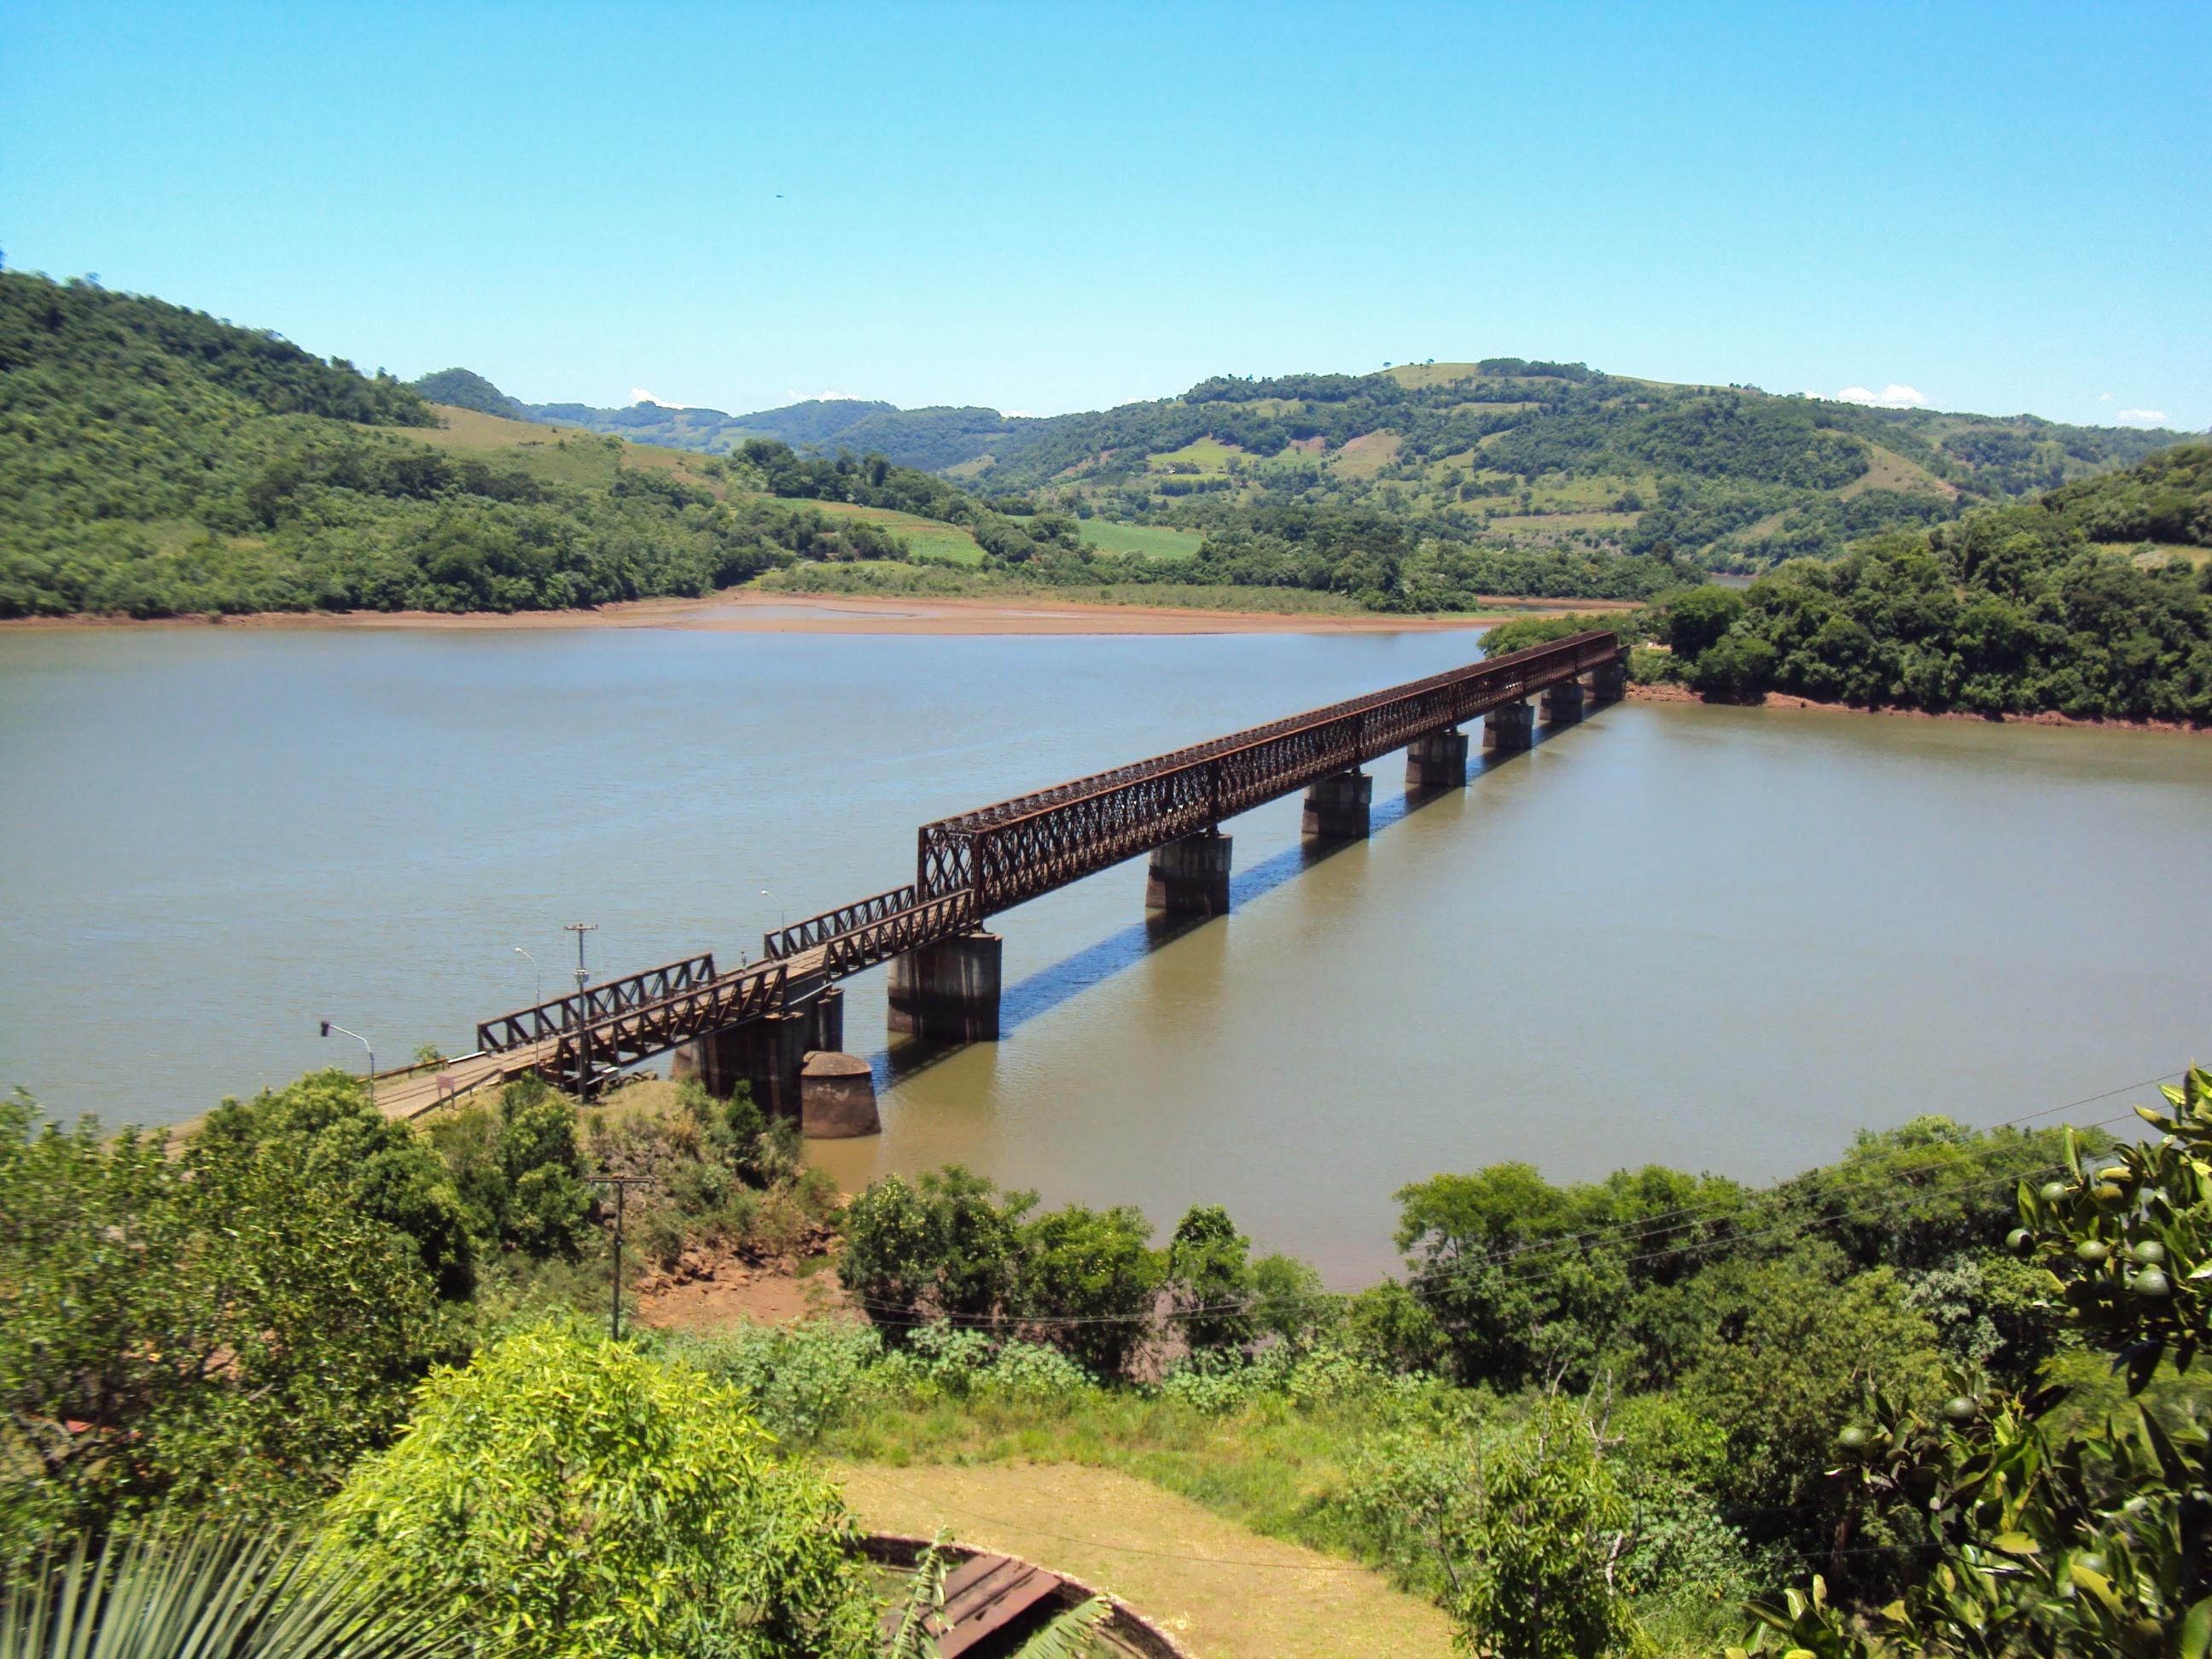 Marcelino Ramos Rio Grande do Sul fonte: upload.wikimedia.org